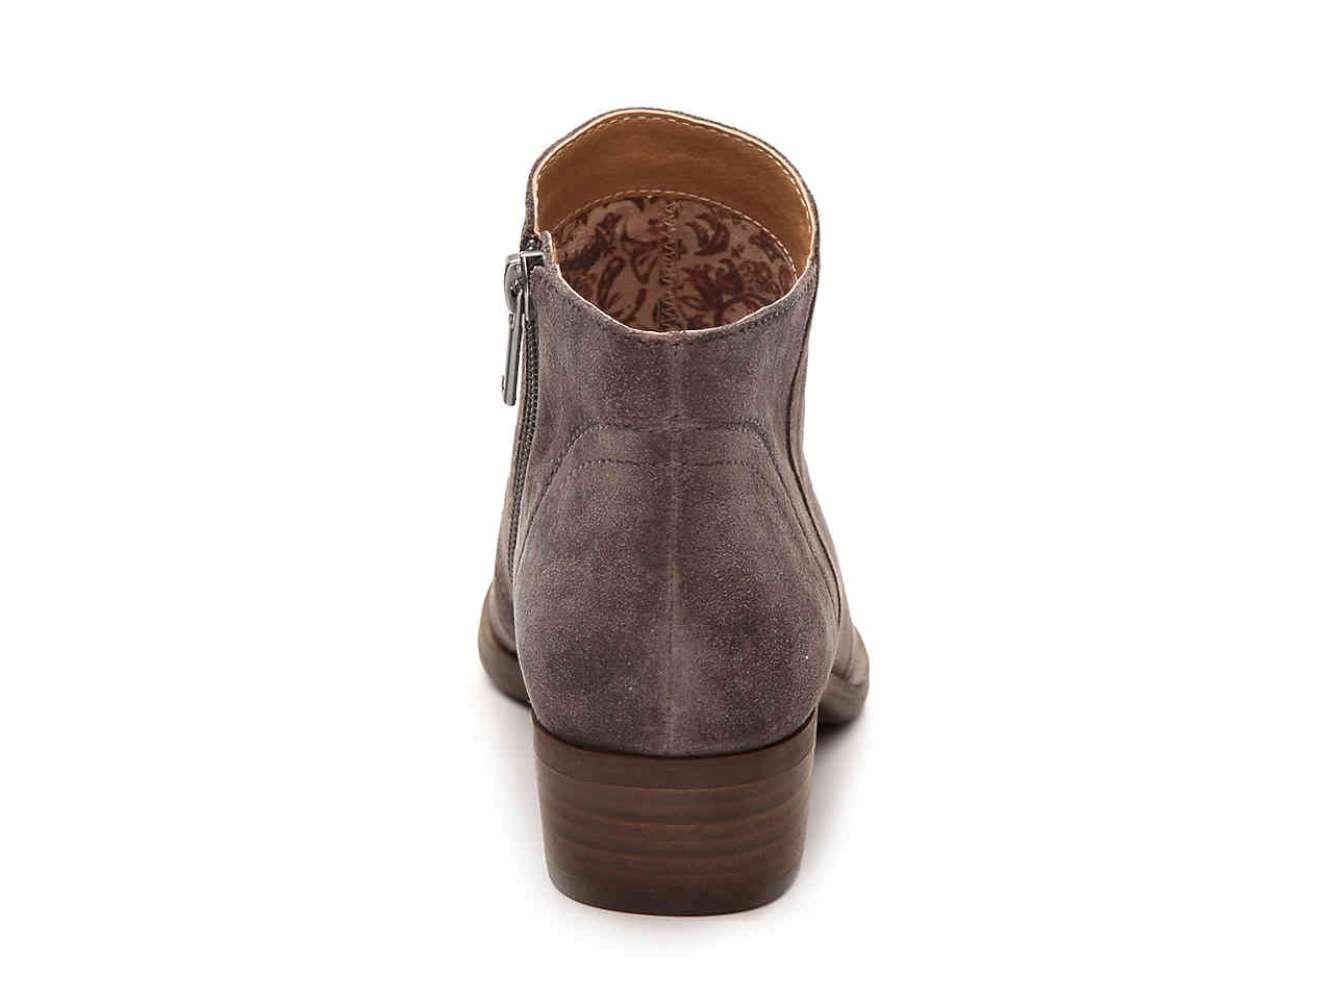 Lucky Brand Frauen Breck Geschlossener Fashion Zeh Leder Fashion Geschlossener Stiefel Grau Groesse 7. 86ece2